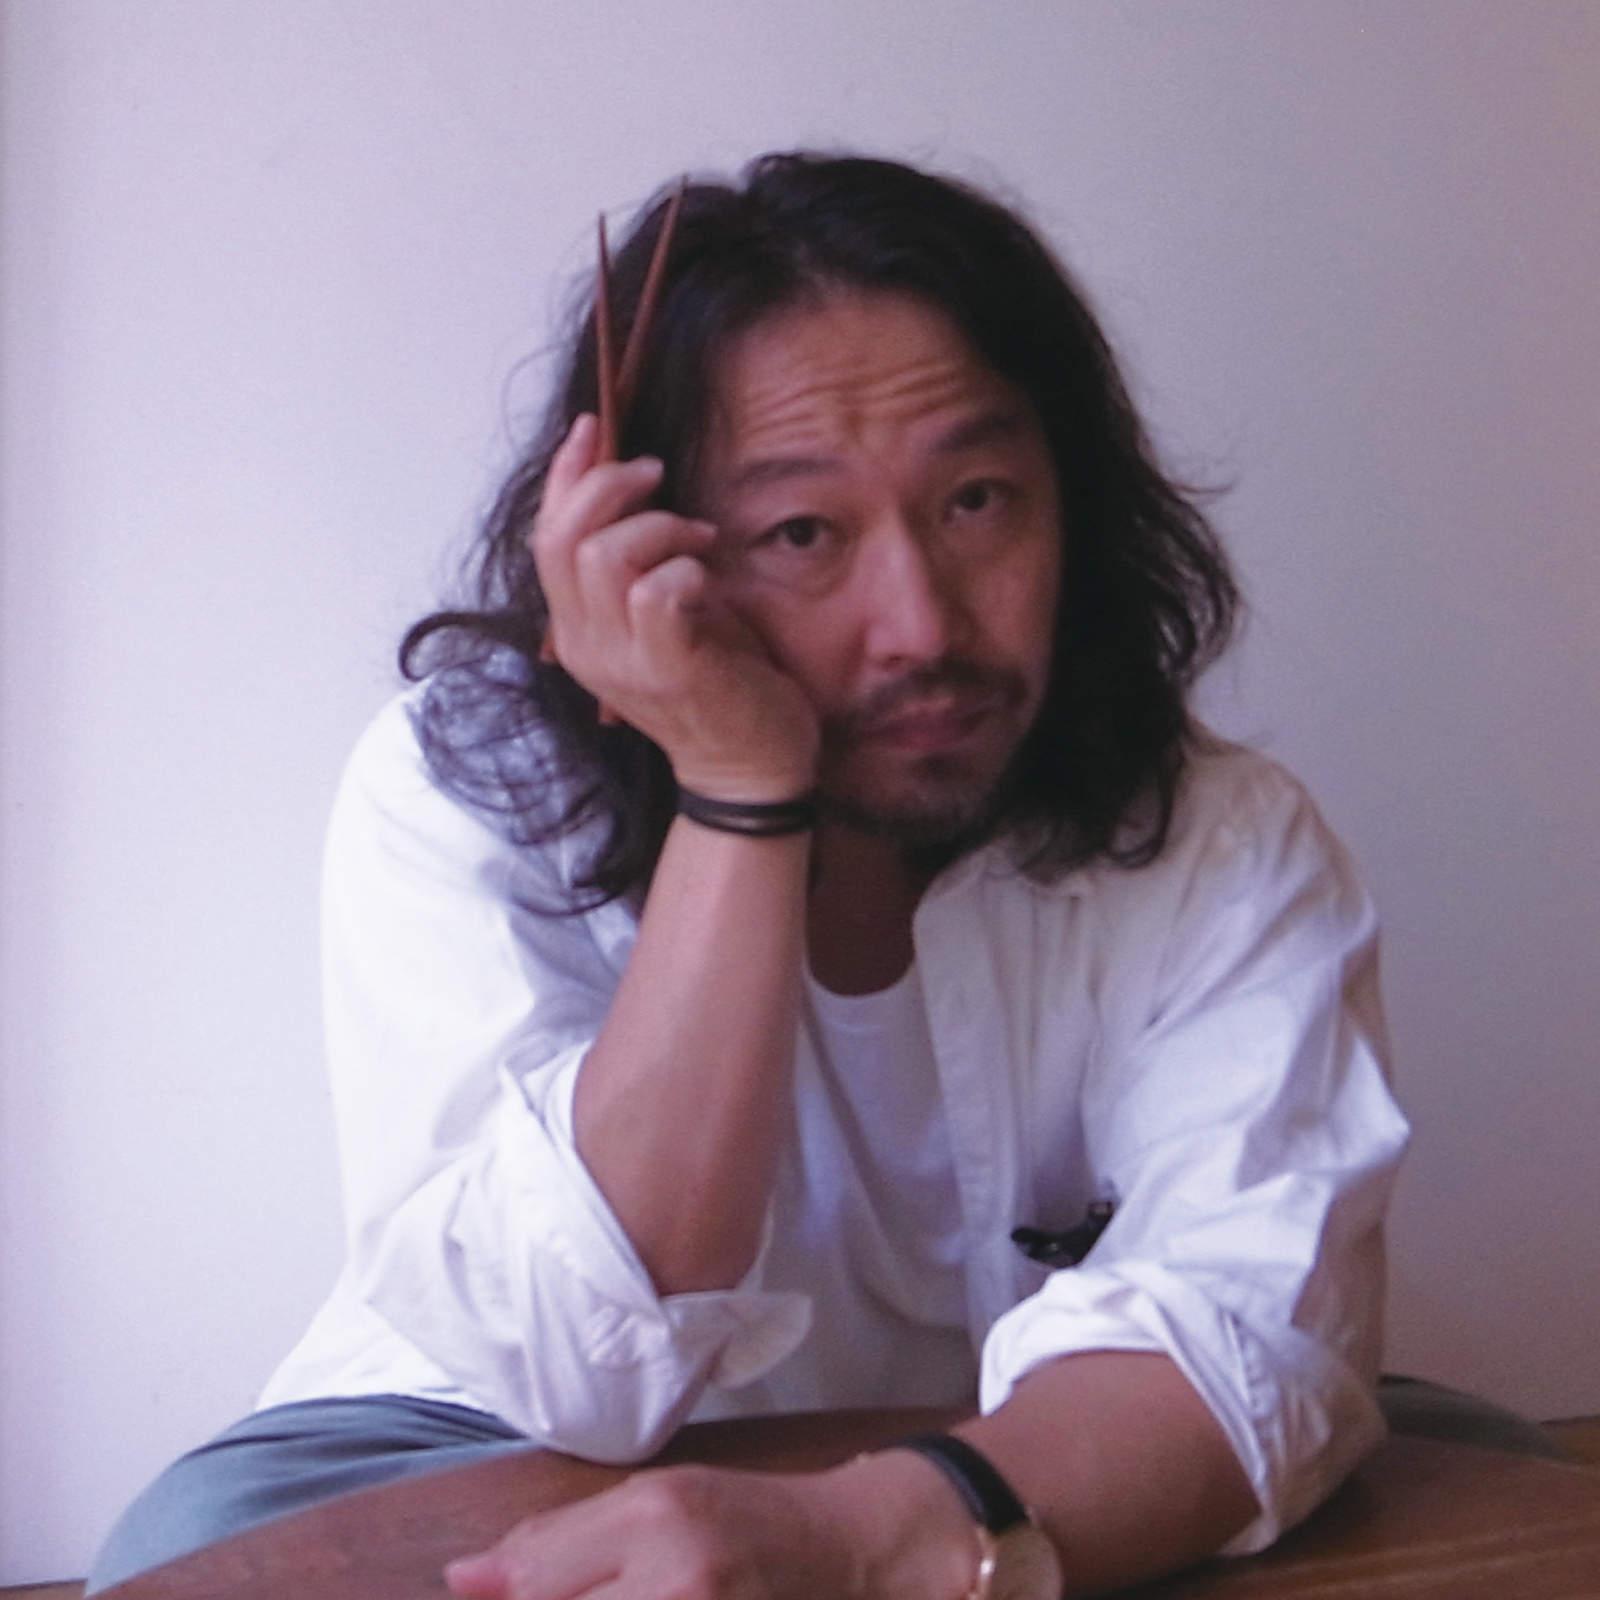 曽我部恵一 12/7 ソロアルバム『ヘブン』配信&CD のリリースが決定しました。